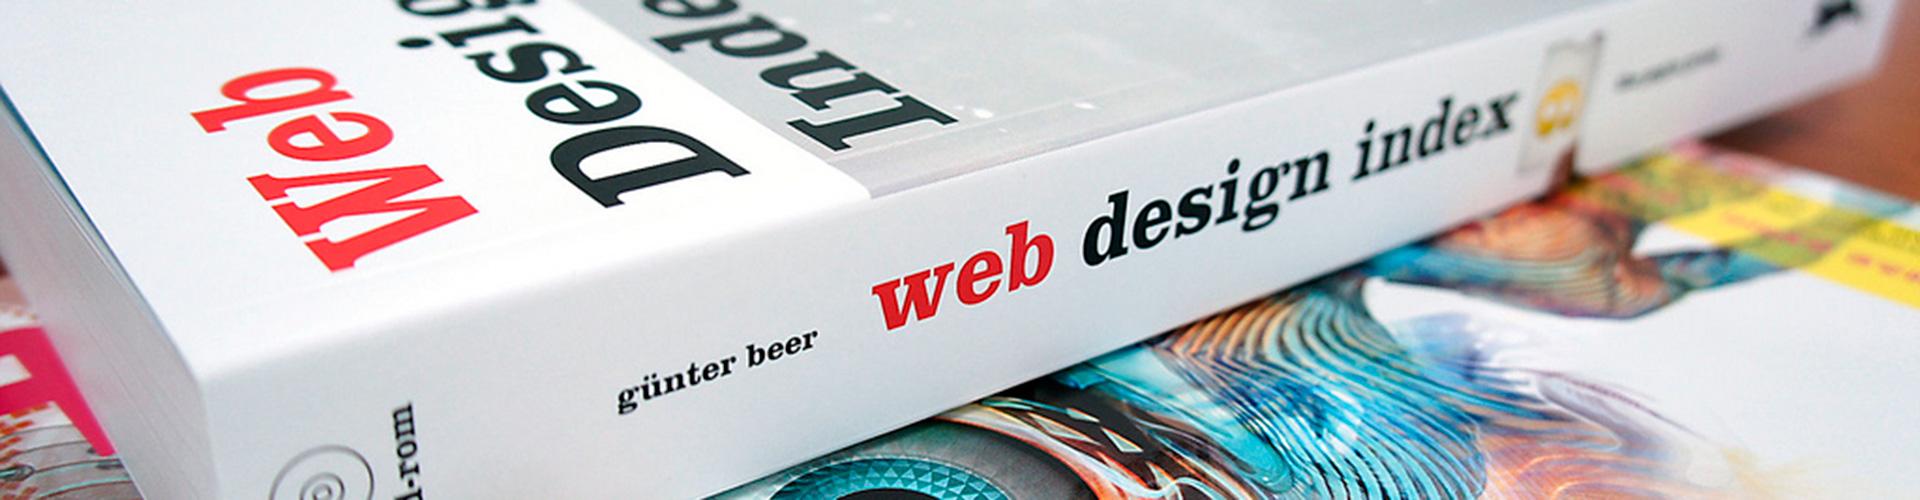 Nominados en Web Design Index uno de los mejores libros de Diseño Web